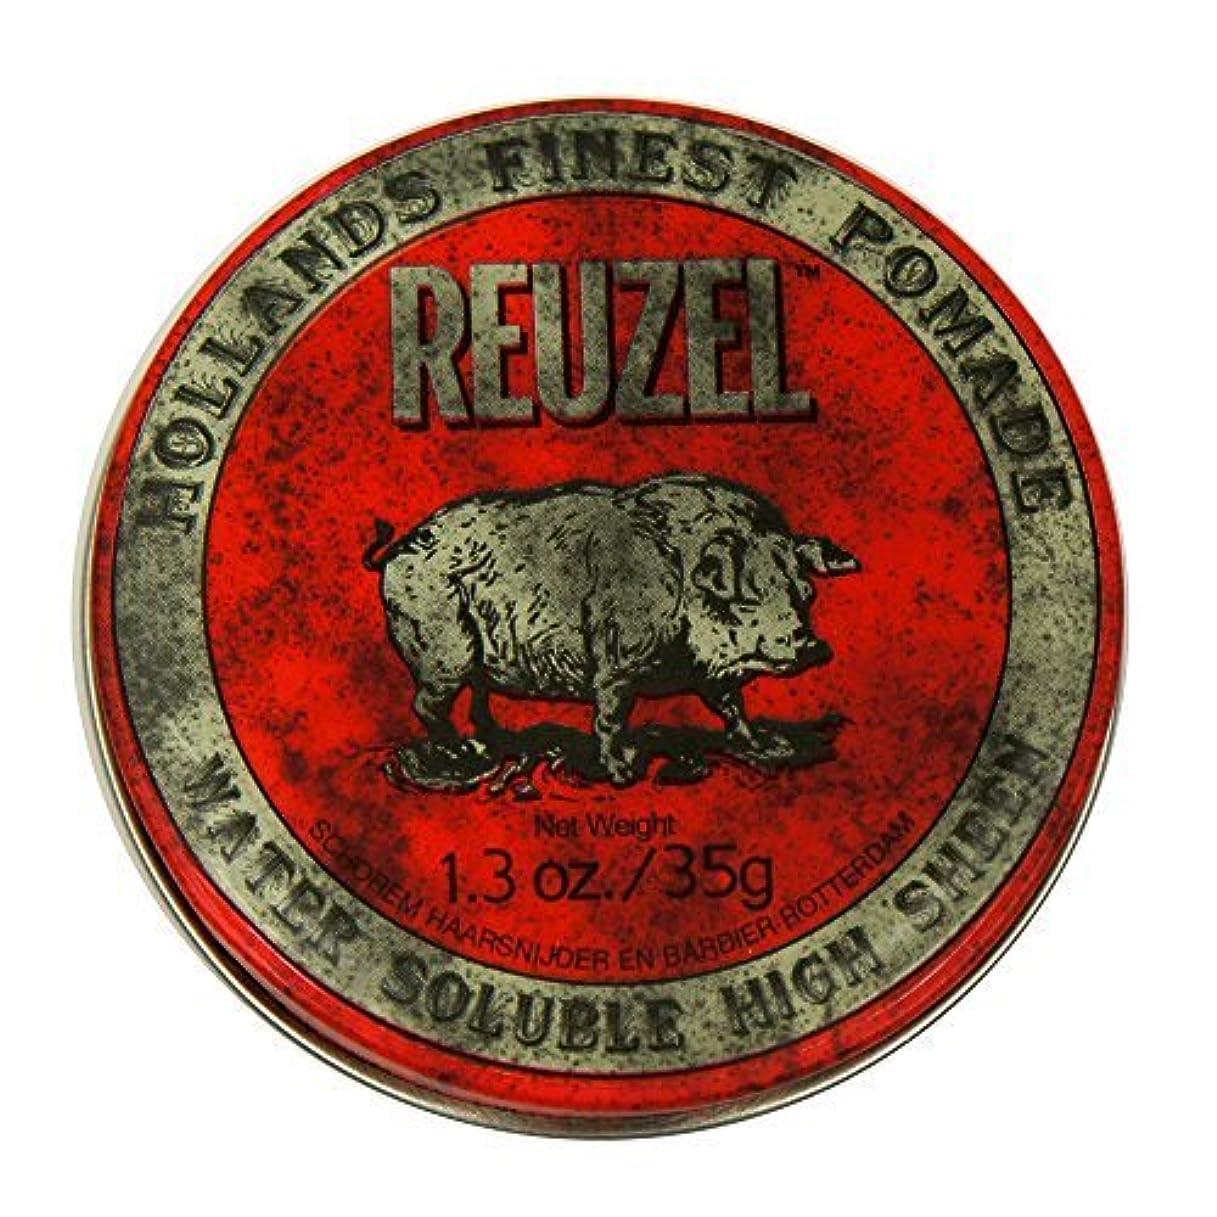 ゾーン横に役員Reuzel Red Hair Pomade Piglet 1.3oz [並行輸入品]